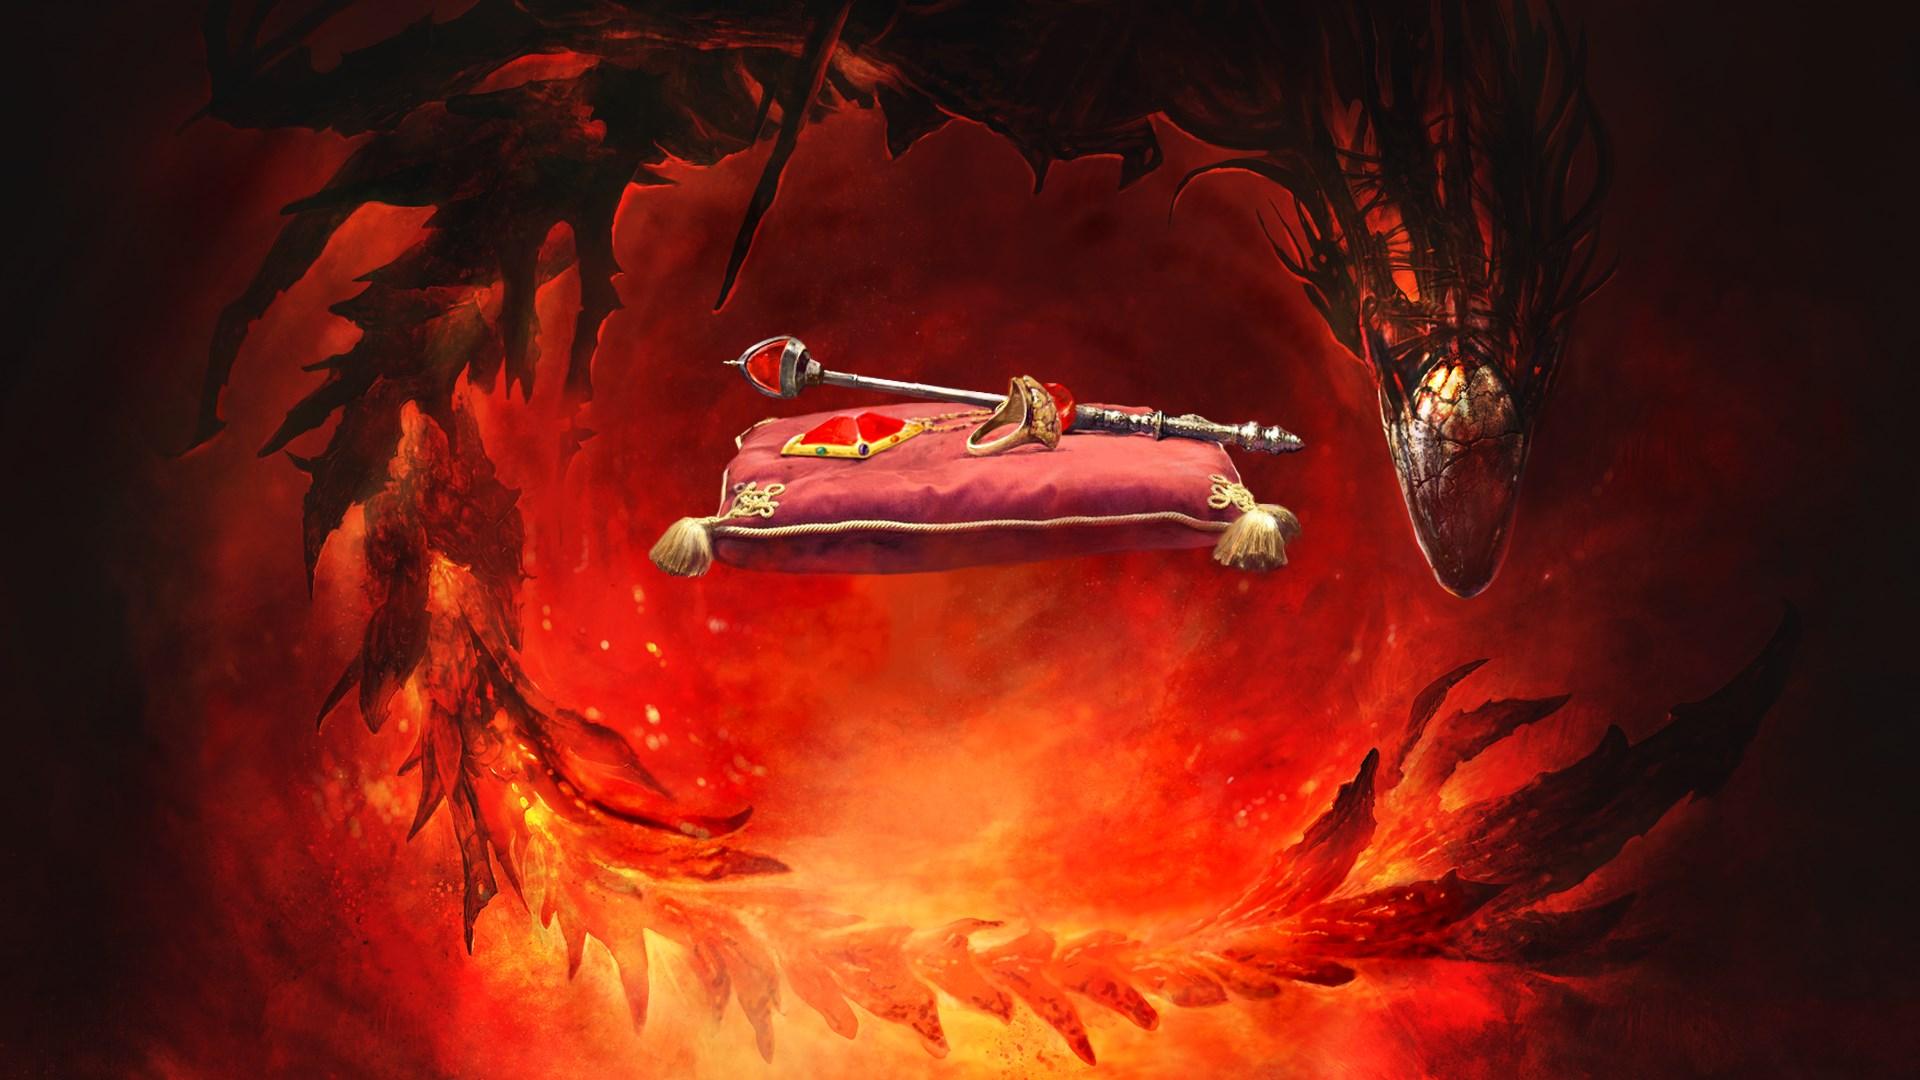 Van Helsing III: Artifacts of The Forgotten King